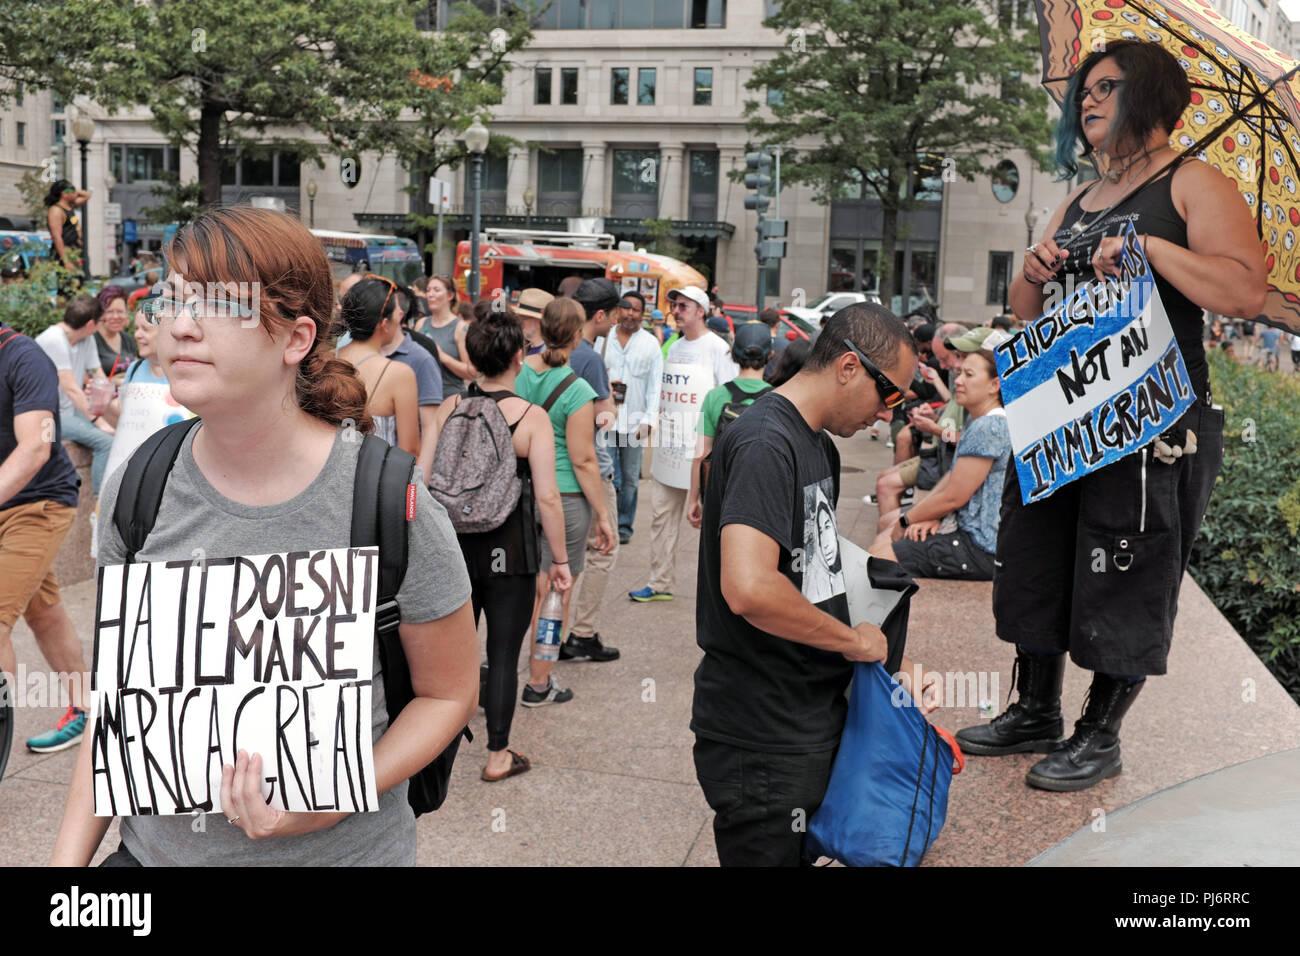 Odio non rendere l'America grande segno al rally in libertà Parco di Washington D.C. volto a contrastare l'alt-diritto di rally in Lafayette Park Immagini Stock